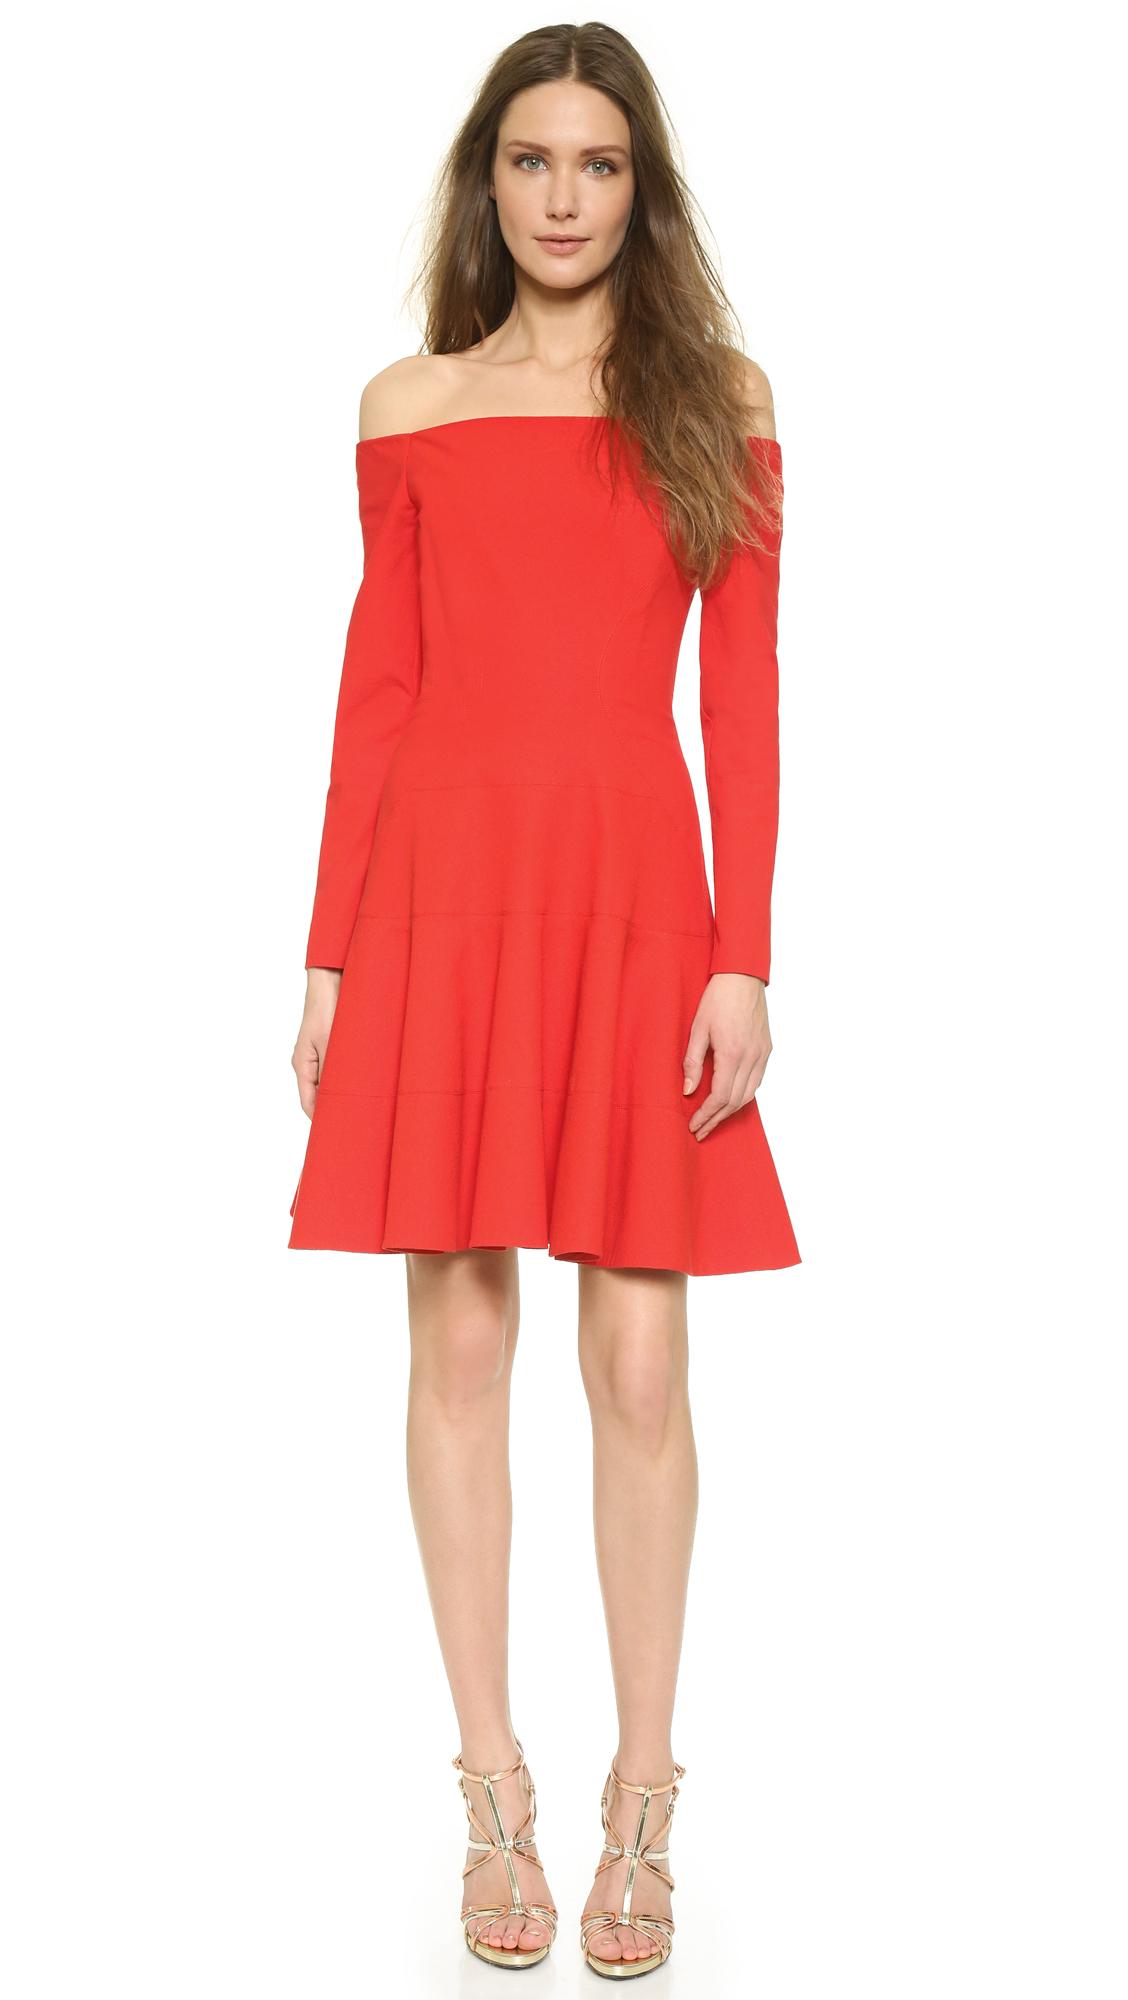 c9566960e692 Lyst - Lela Rose Off Shoulder Dress - Red in Red